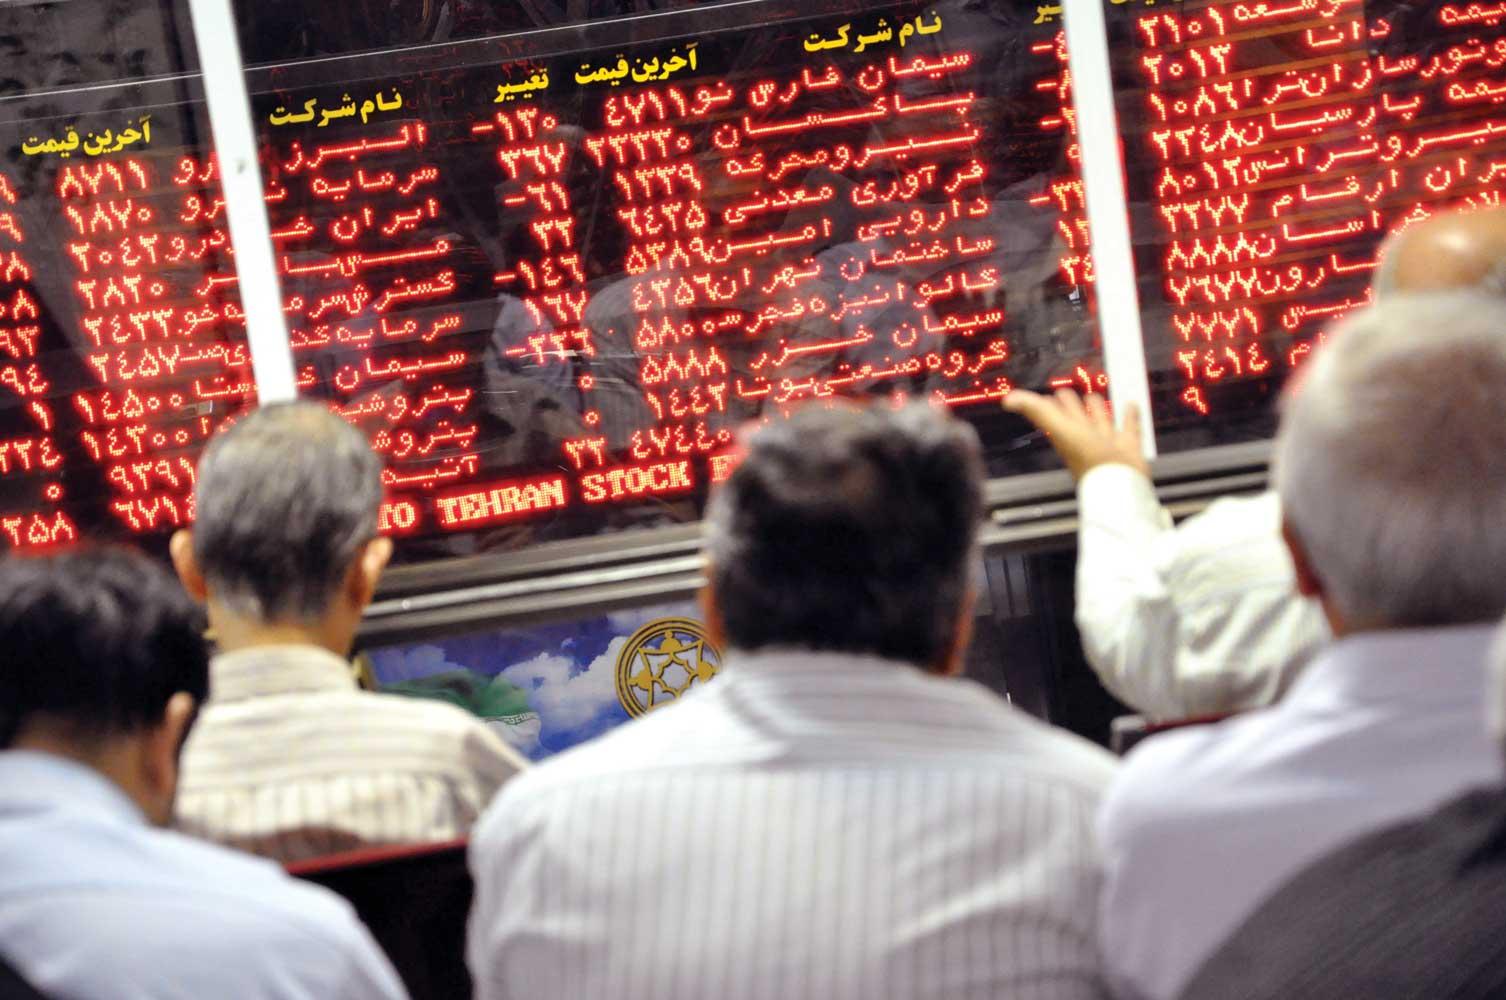 تغییر قوانین بازار پایه فرابورس؛ ماجرای زیان سنگین سهامداران از چه قرار است؟